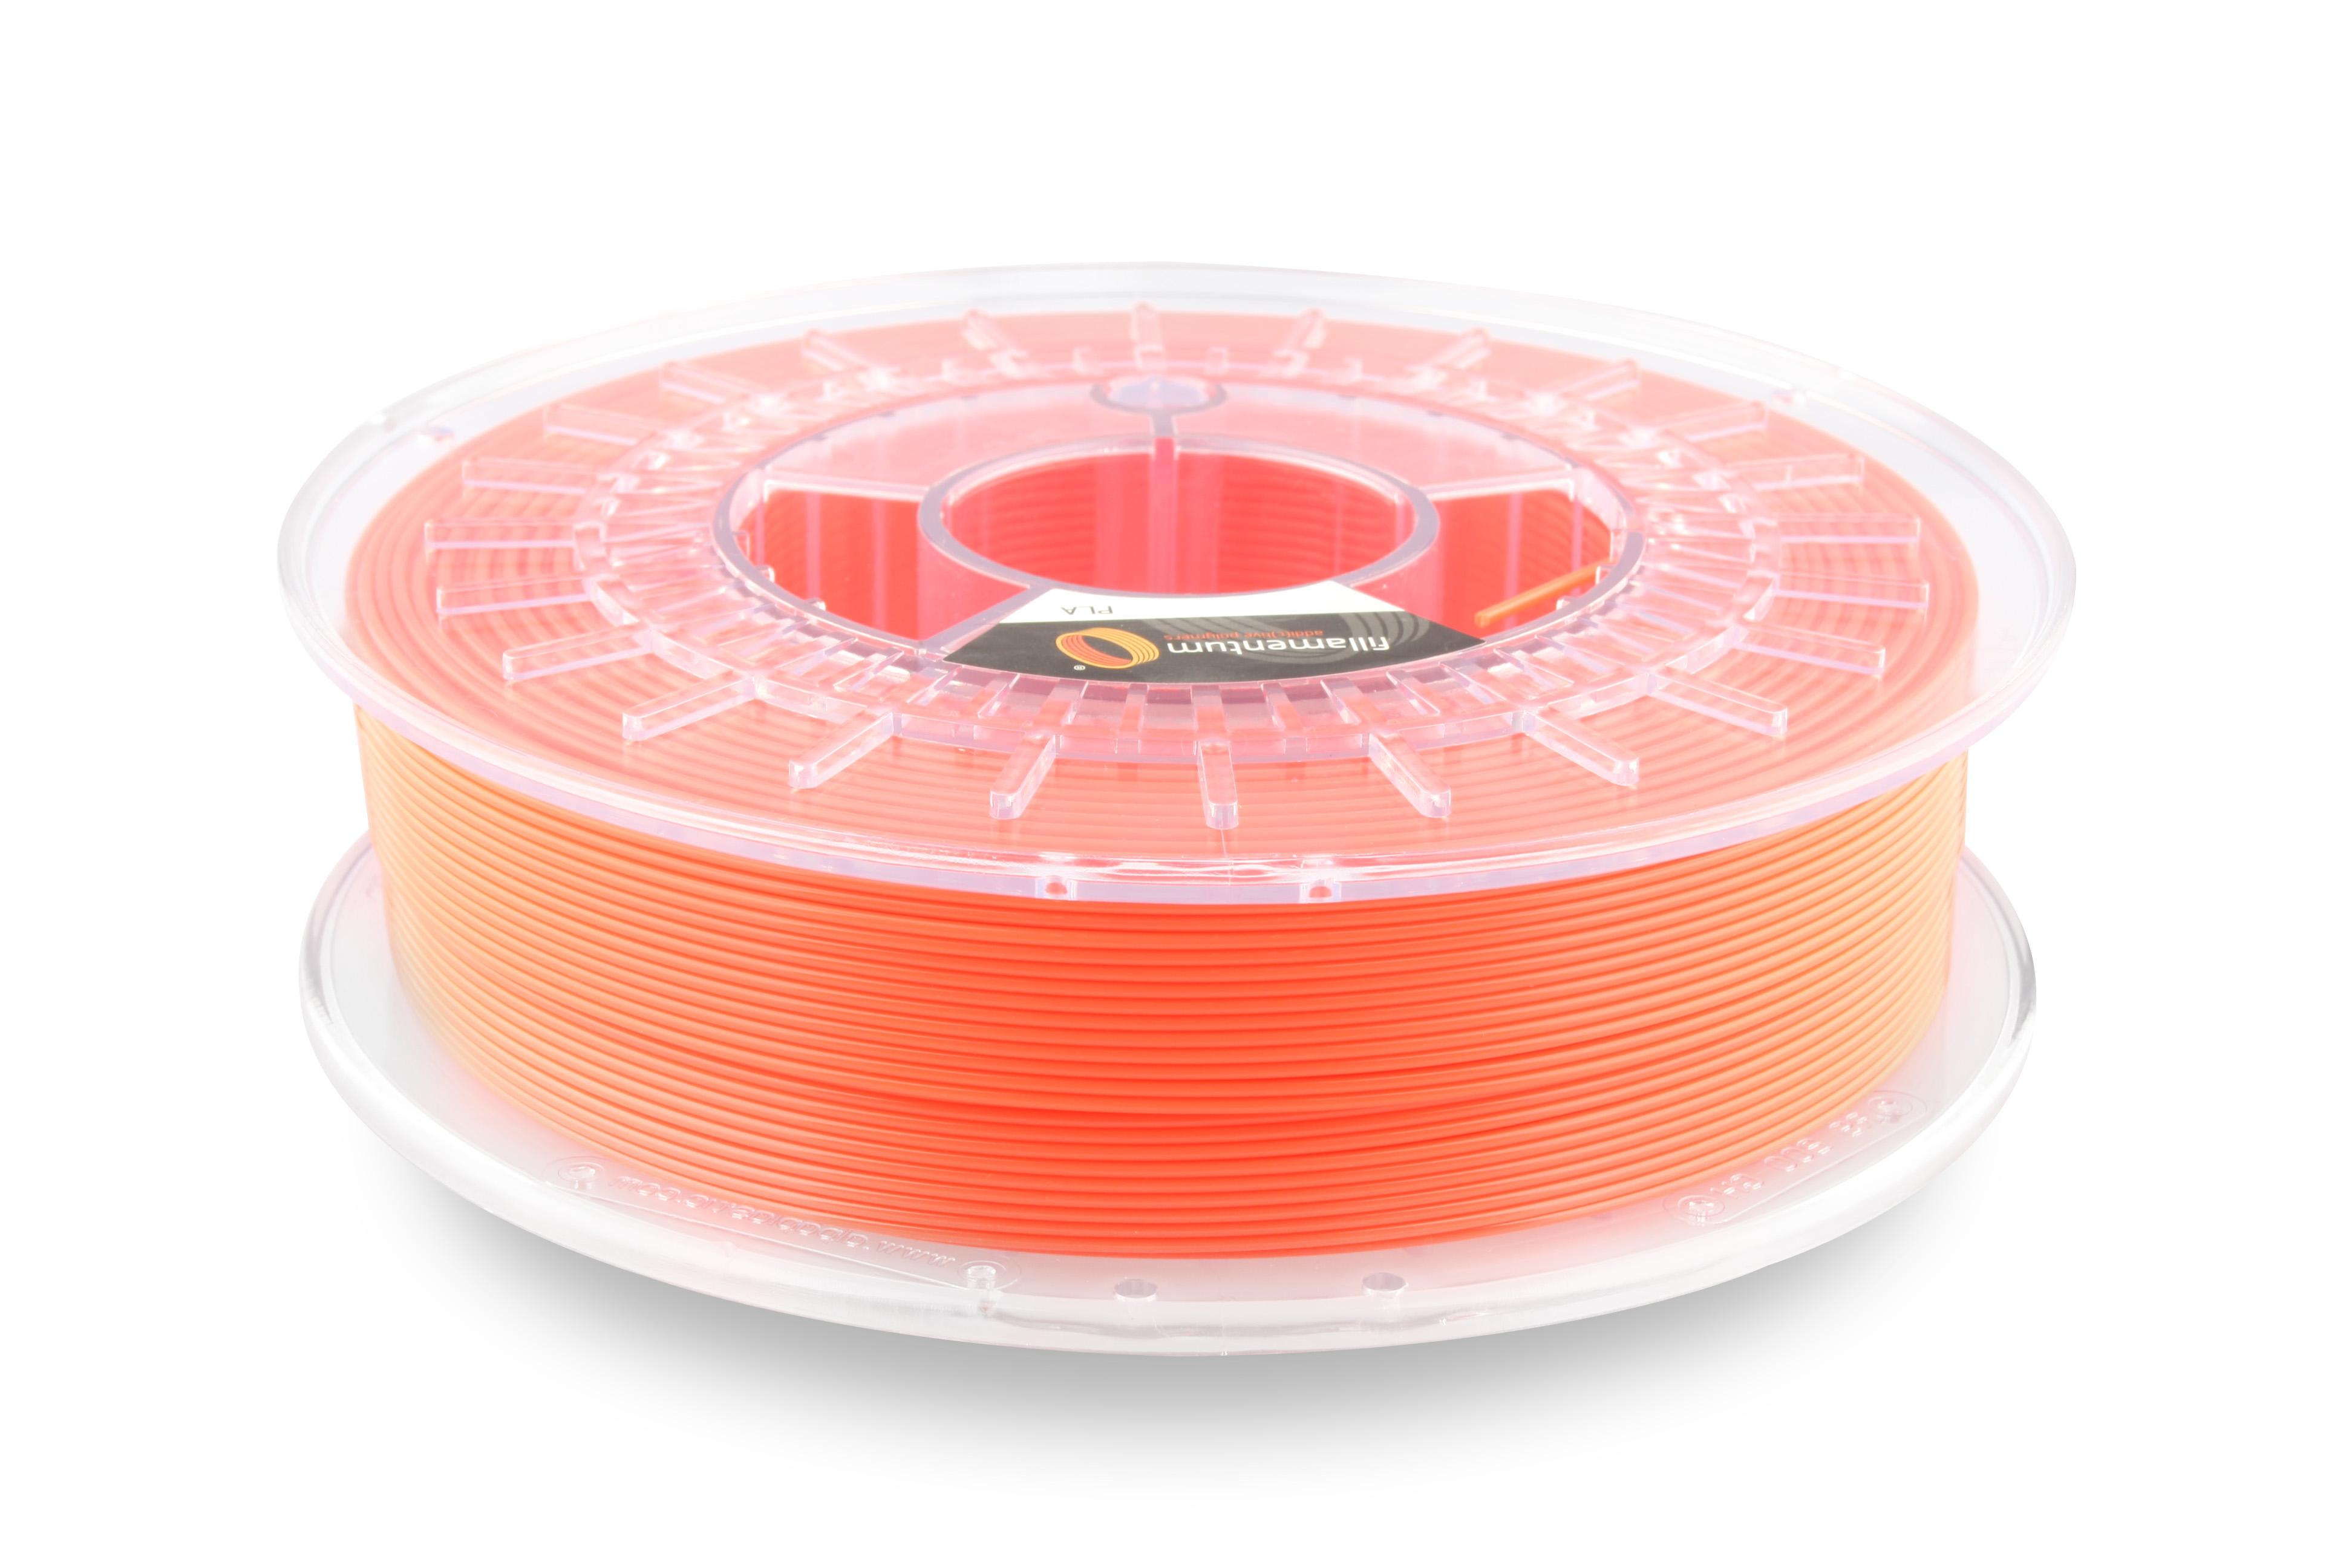 PLA filament Fillamentum Extrafill svítívá oranžová 1,75 mm 750 g